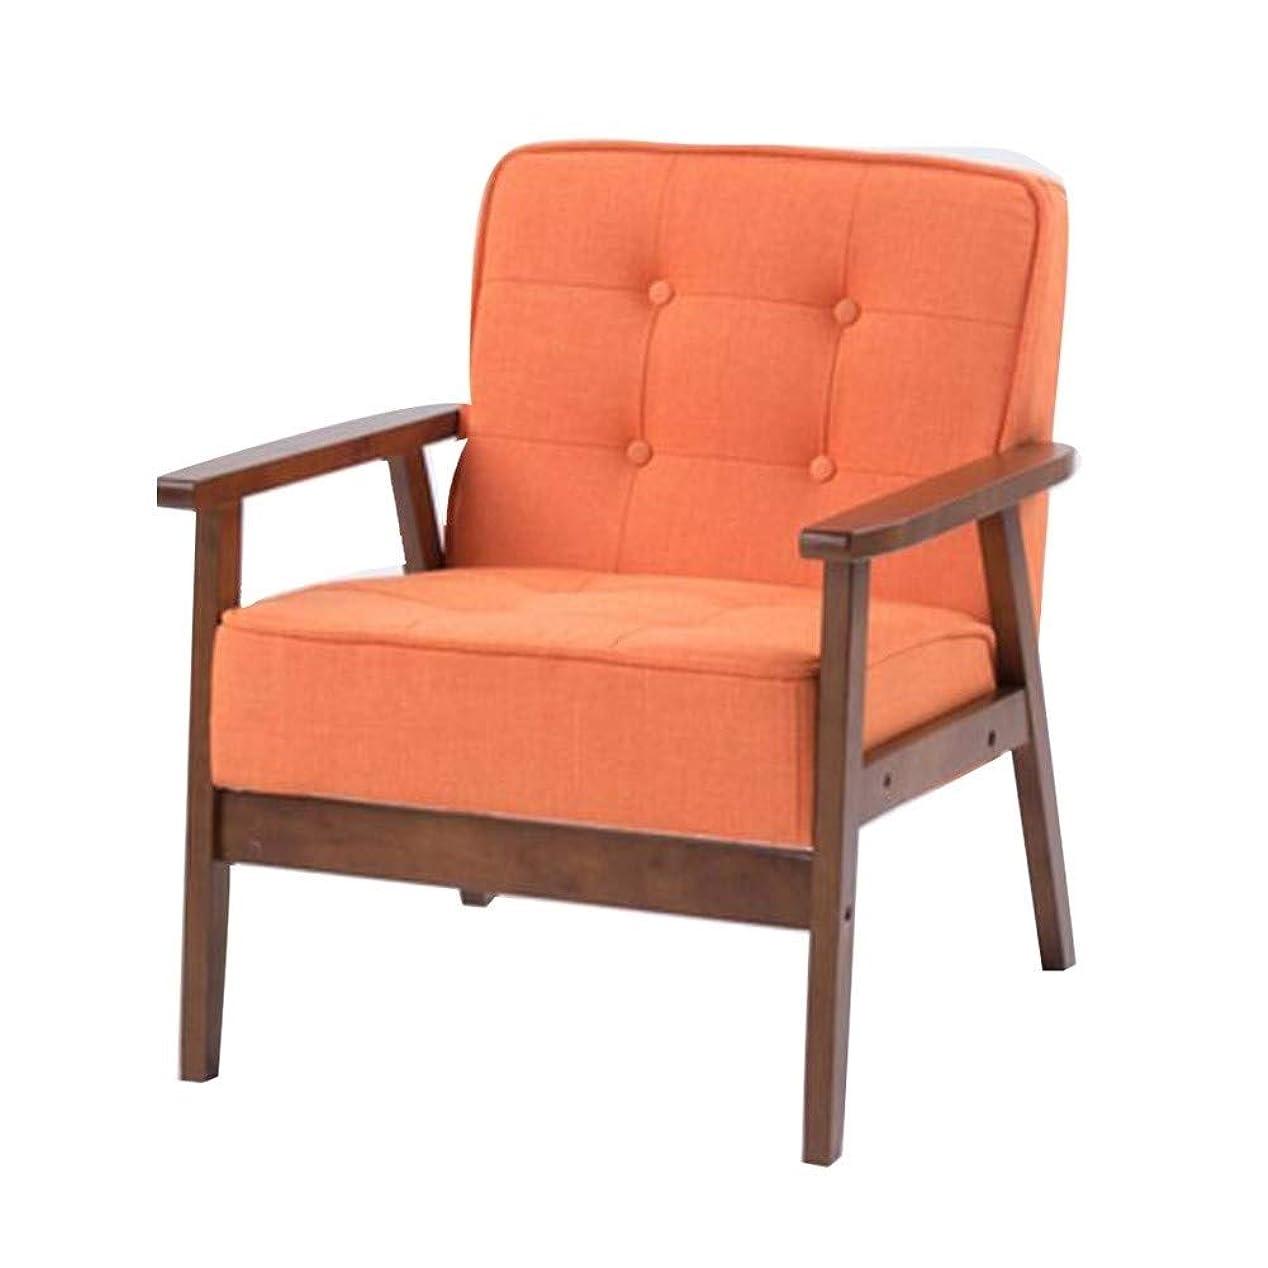 静かなばかほぼYQQ-怠惰なソファ レトロソファソリッドウッドソファチェアラウンジチェアレストランリビングルームのベッドルームバルコニーコーヒーホール65x61x71cmから選択する10色 (Color : G)